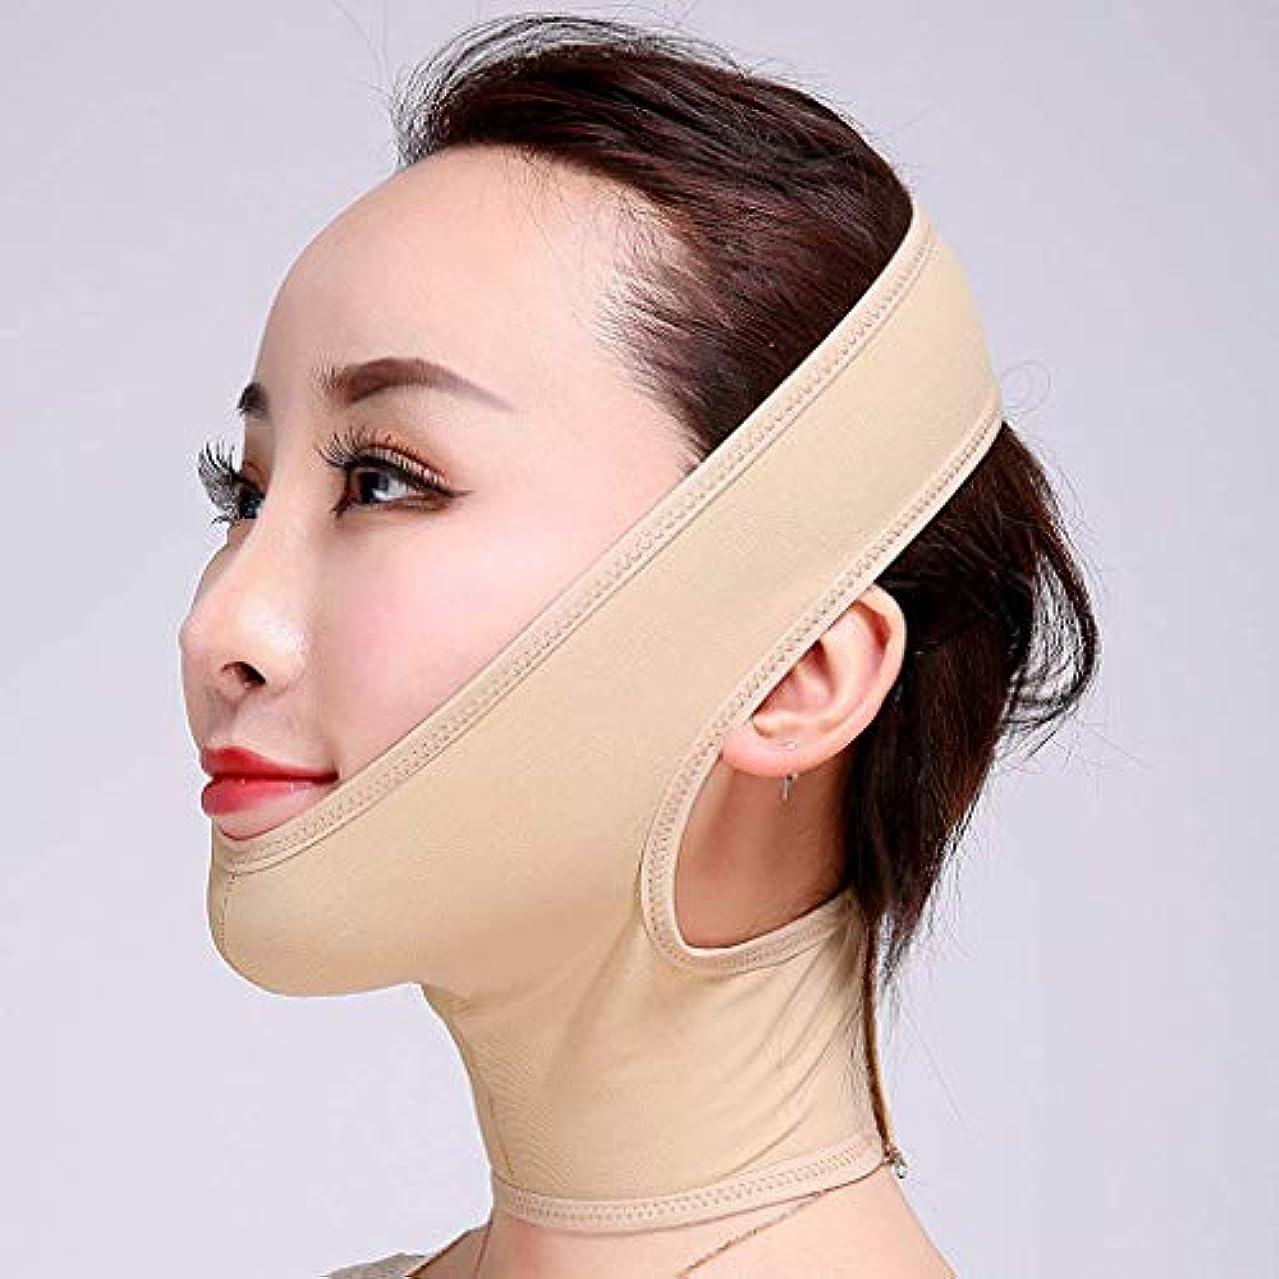 光電悪性アストロラーベフェイススリミングマスク、リフトチンVフェイスベルトフェイスリフト包帯フェイスリフティングアーティファクトフェイスフェイスリフティング楽器フルフェイスリフトチークスリム、スキンカラー、XL (M)